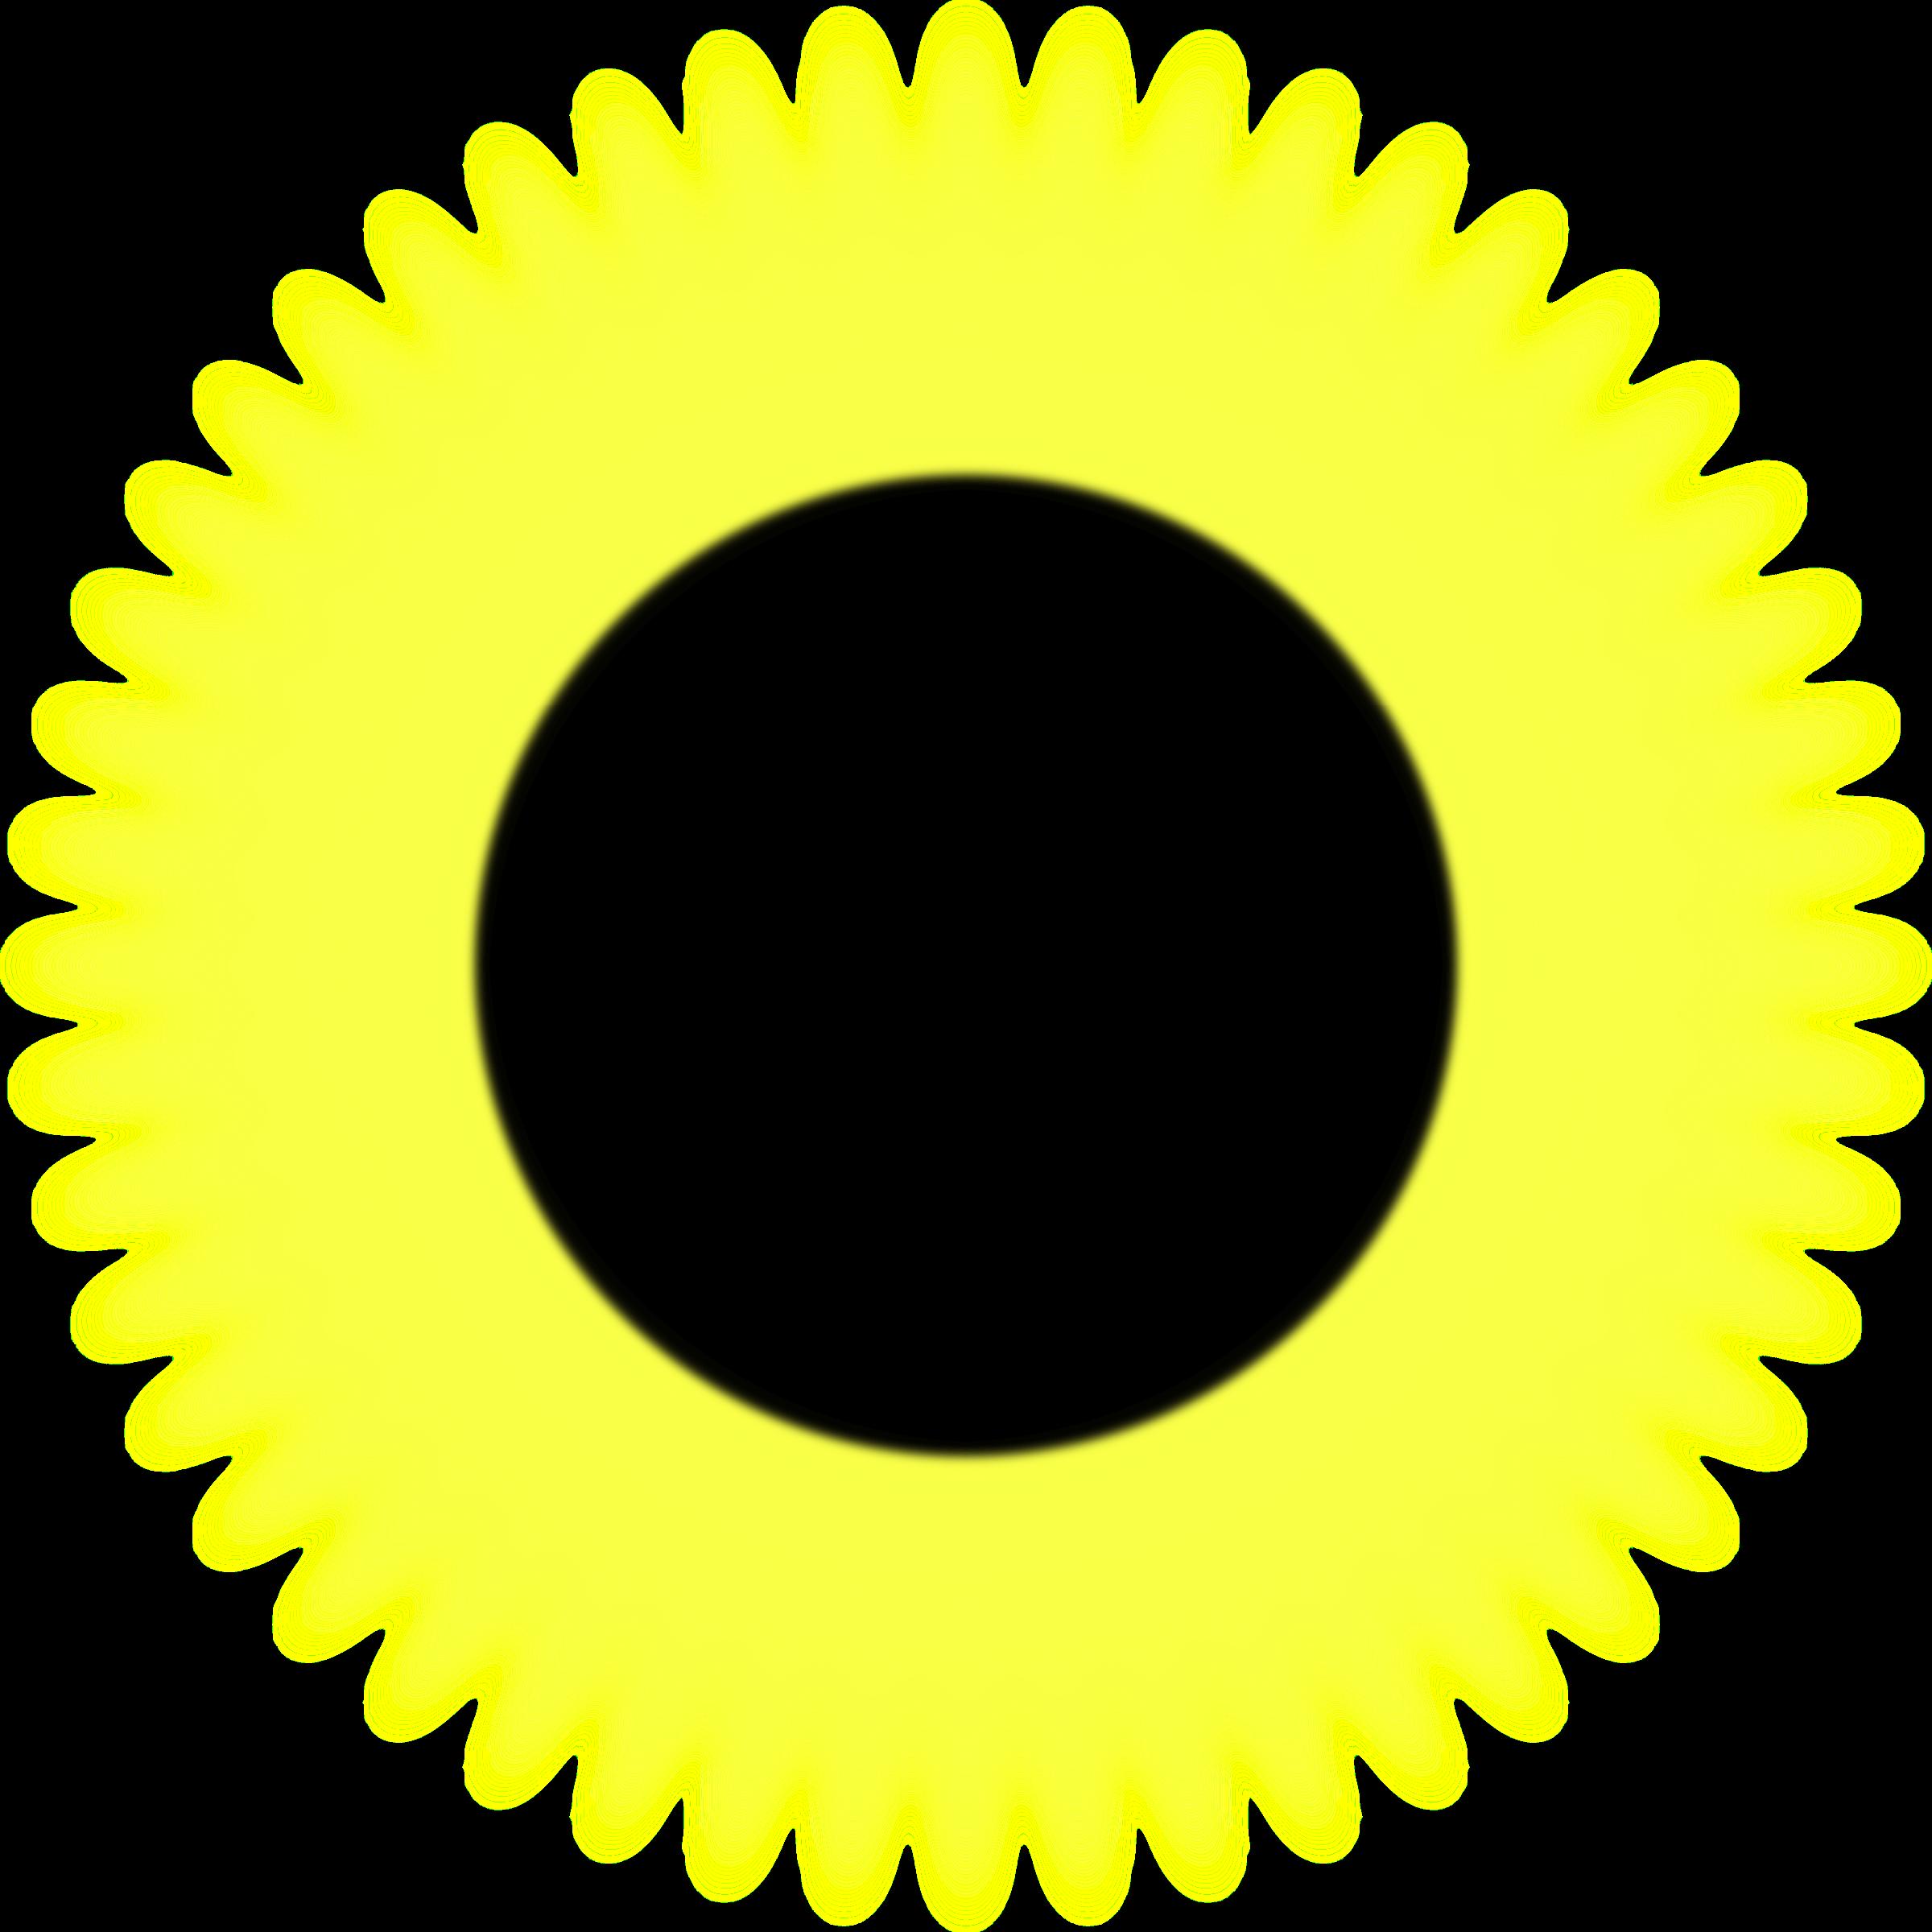 Solar Eclipse Clipart & Free Clip Art Images #16667.